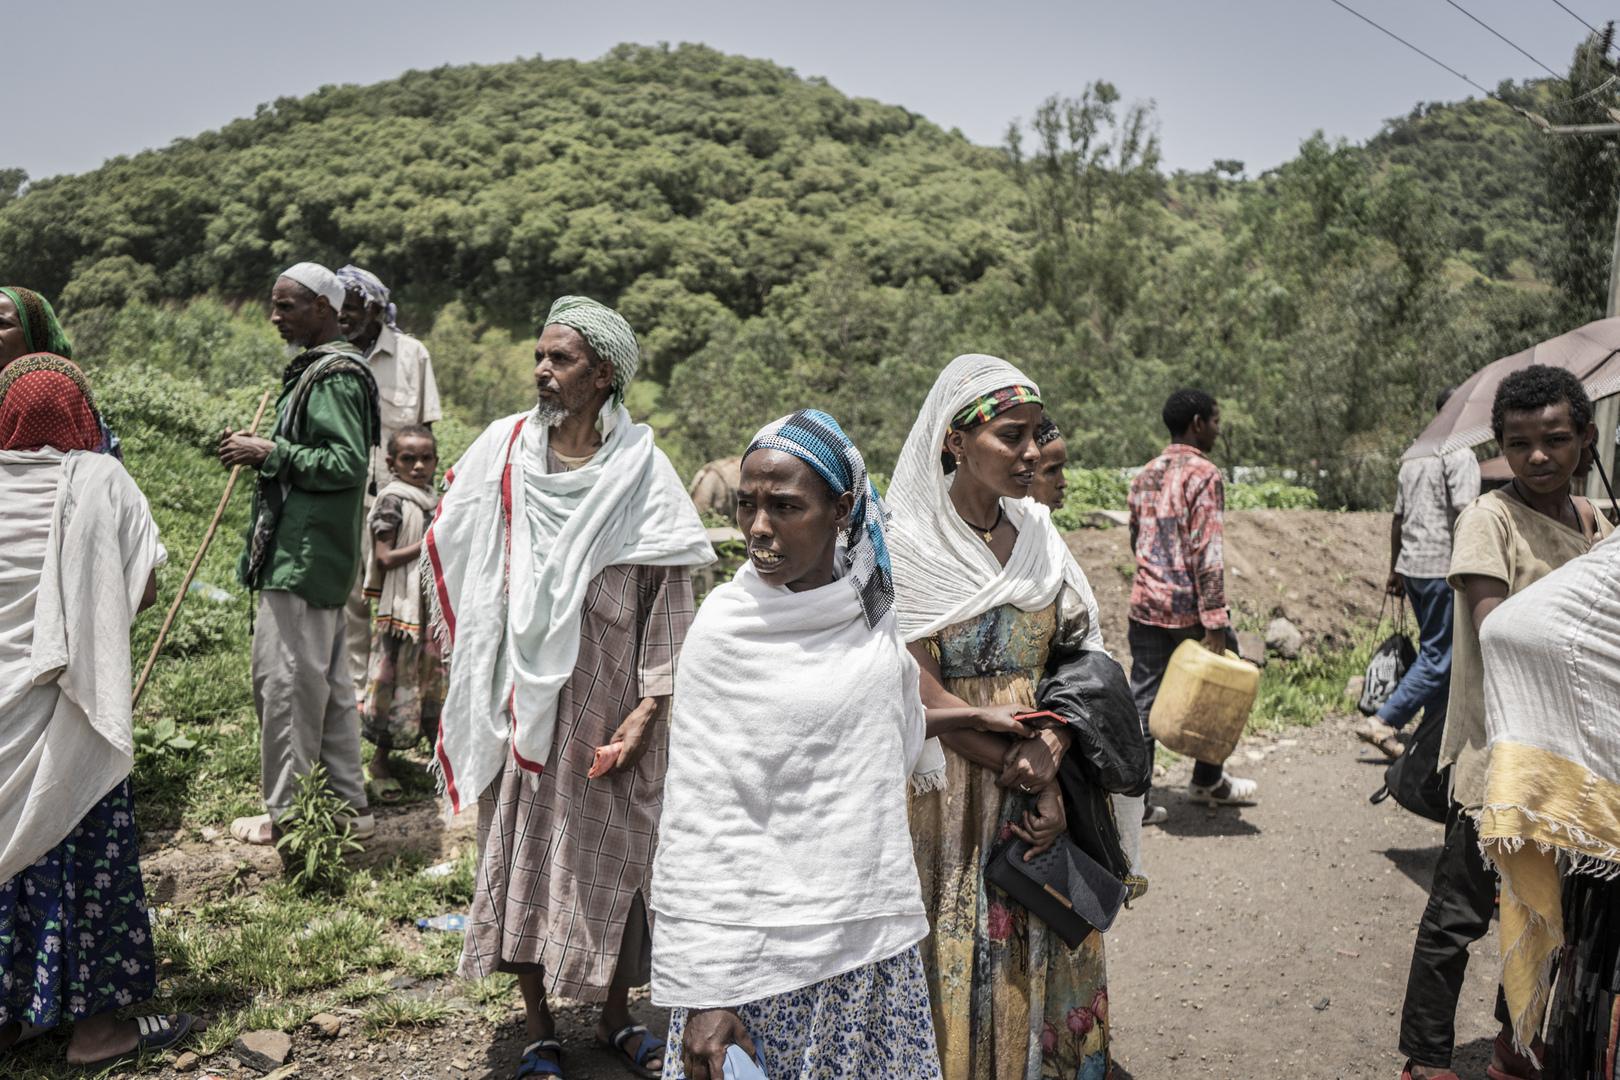 الأمم المتحدة تحذر من خطورة الأوضاع الإنسانية في شمال إثيوبيا: حياة الملايين على المحك!